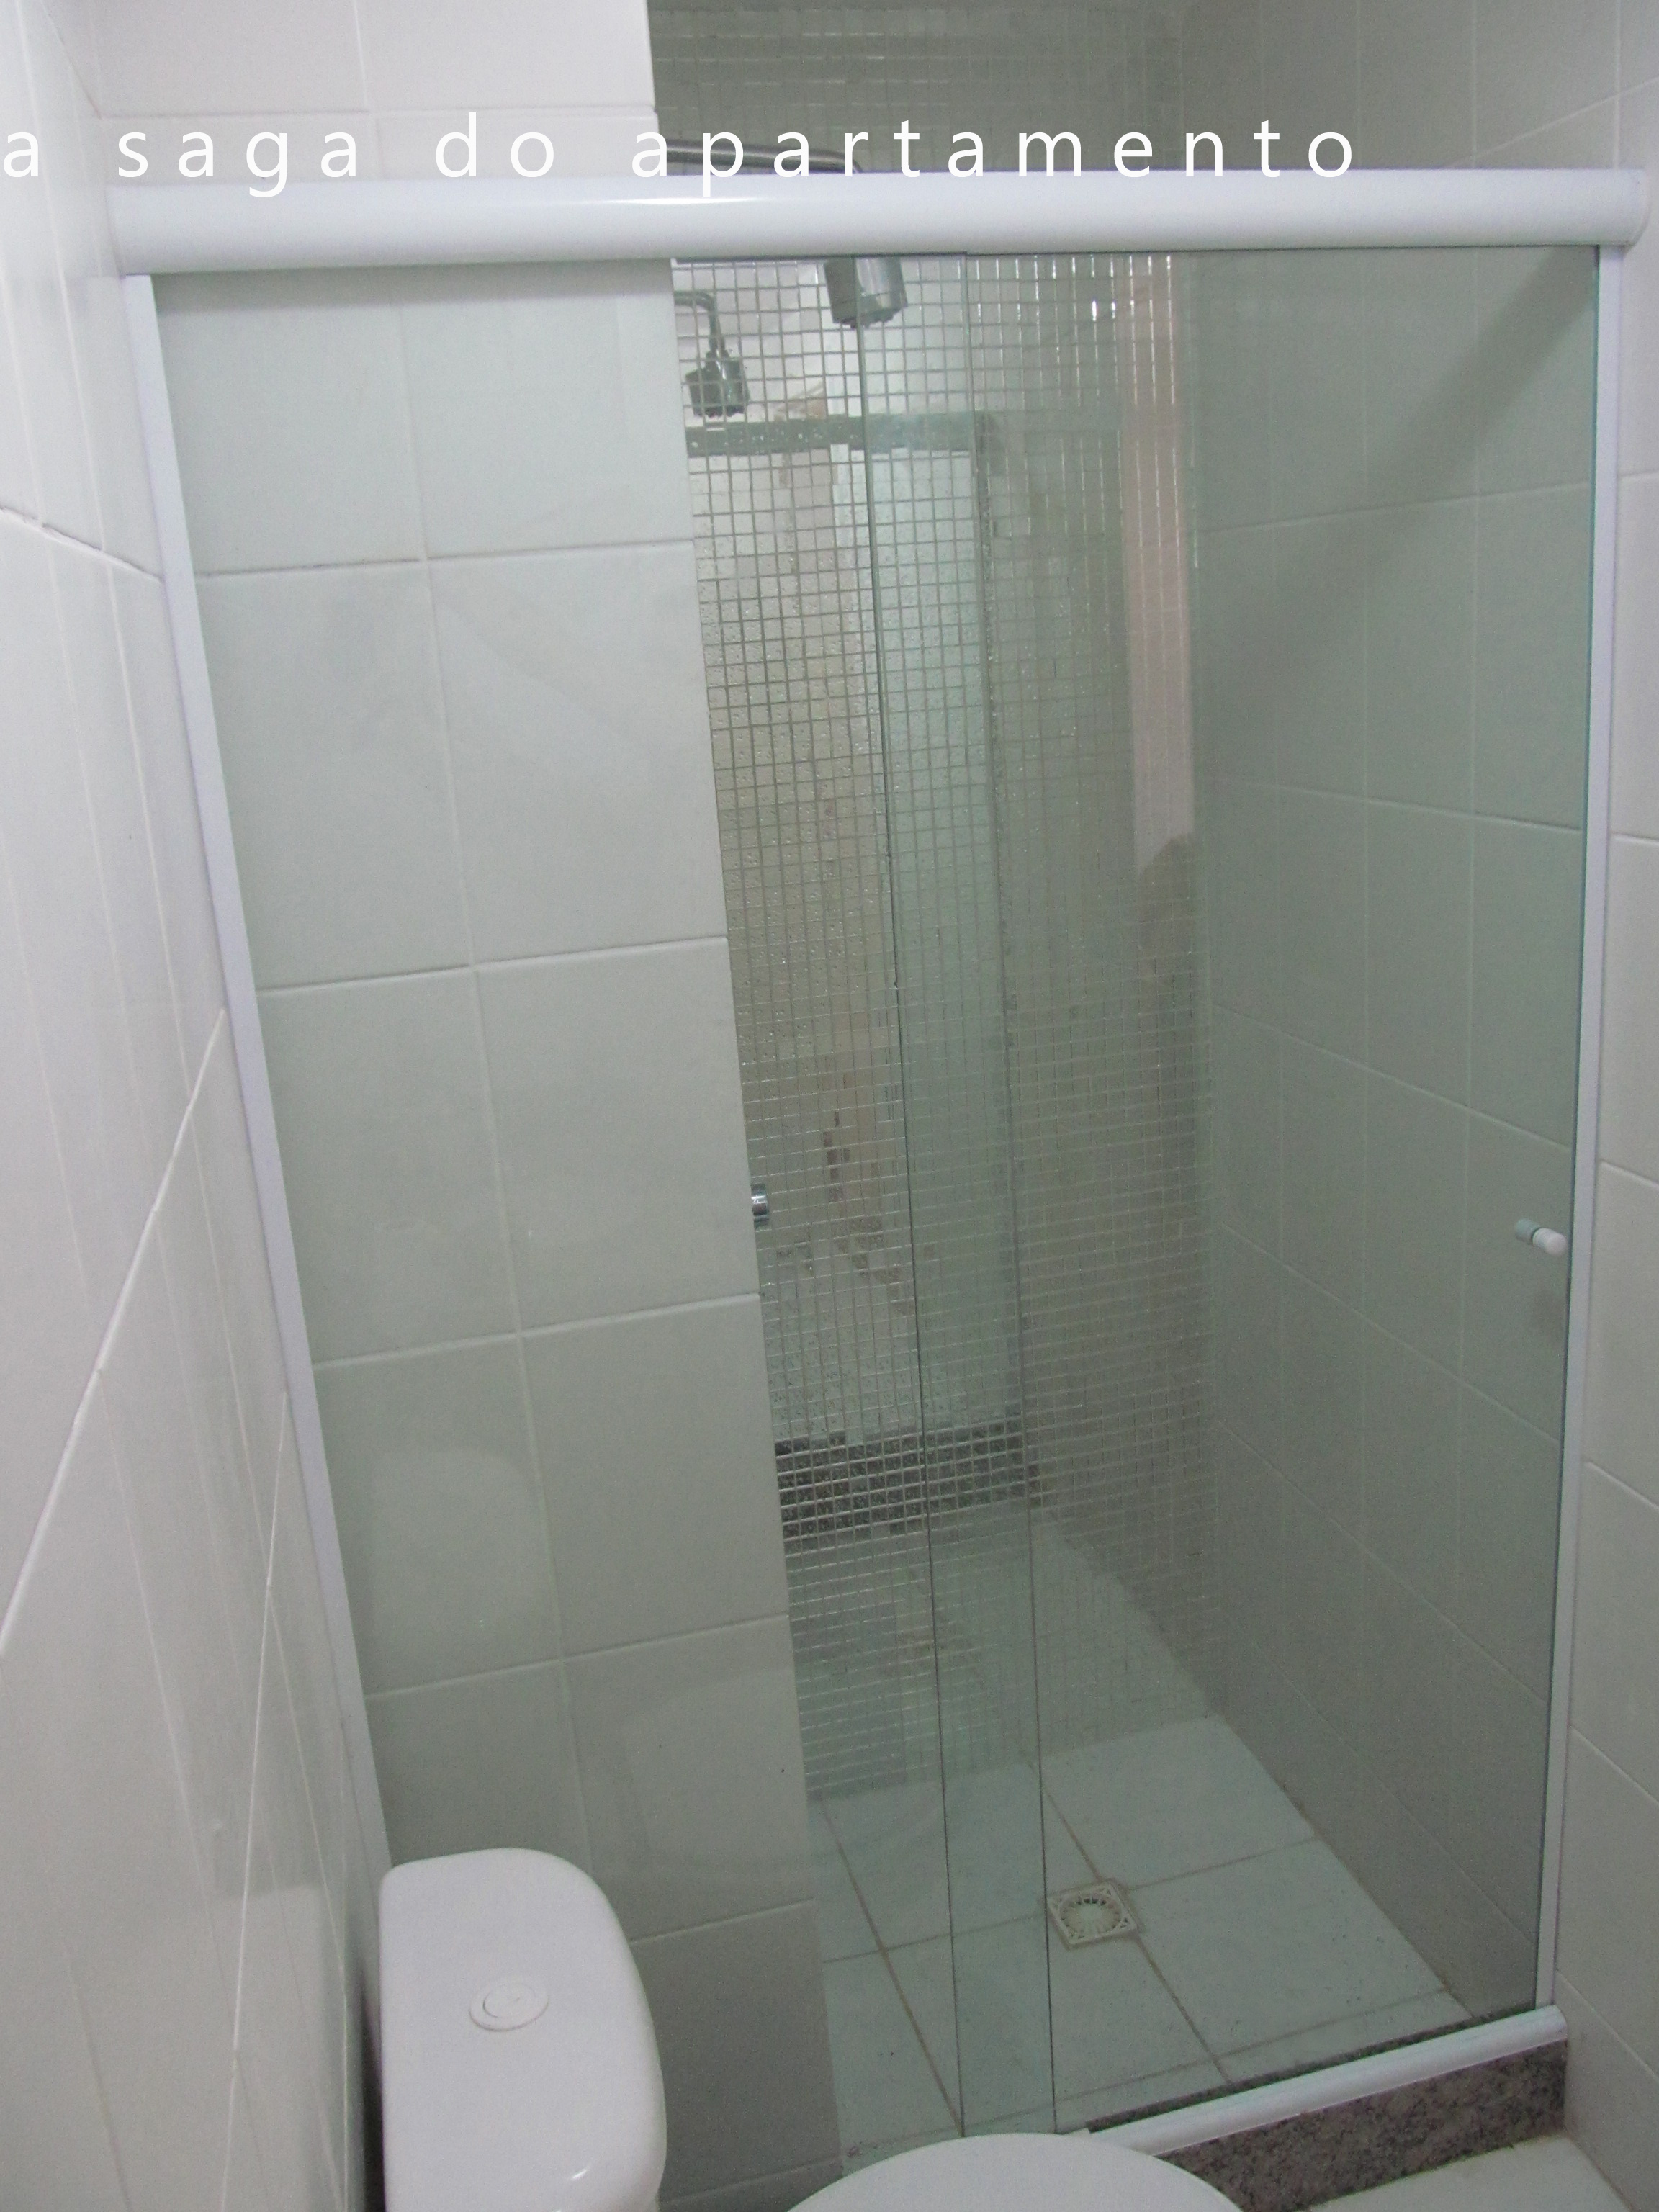 Imagens de #44423D pedra granito branco são francisco a saga do apartamento 2304x3072 px 3514 Blindex De Banheiro Rj